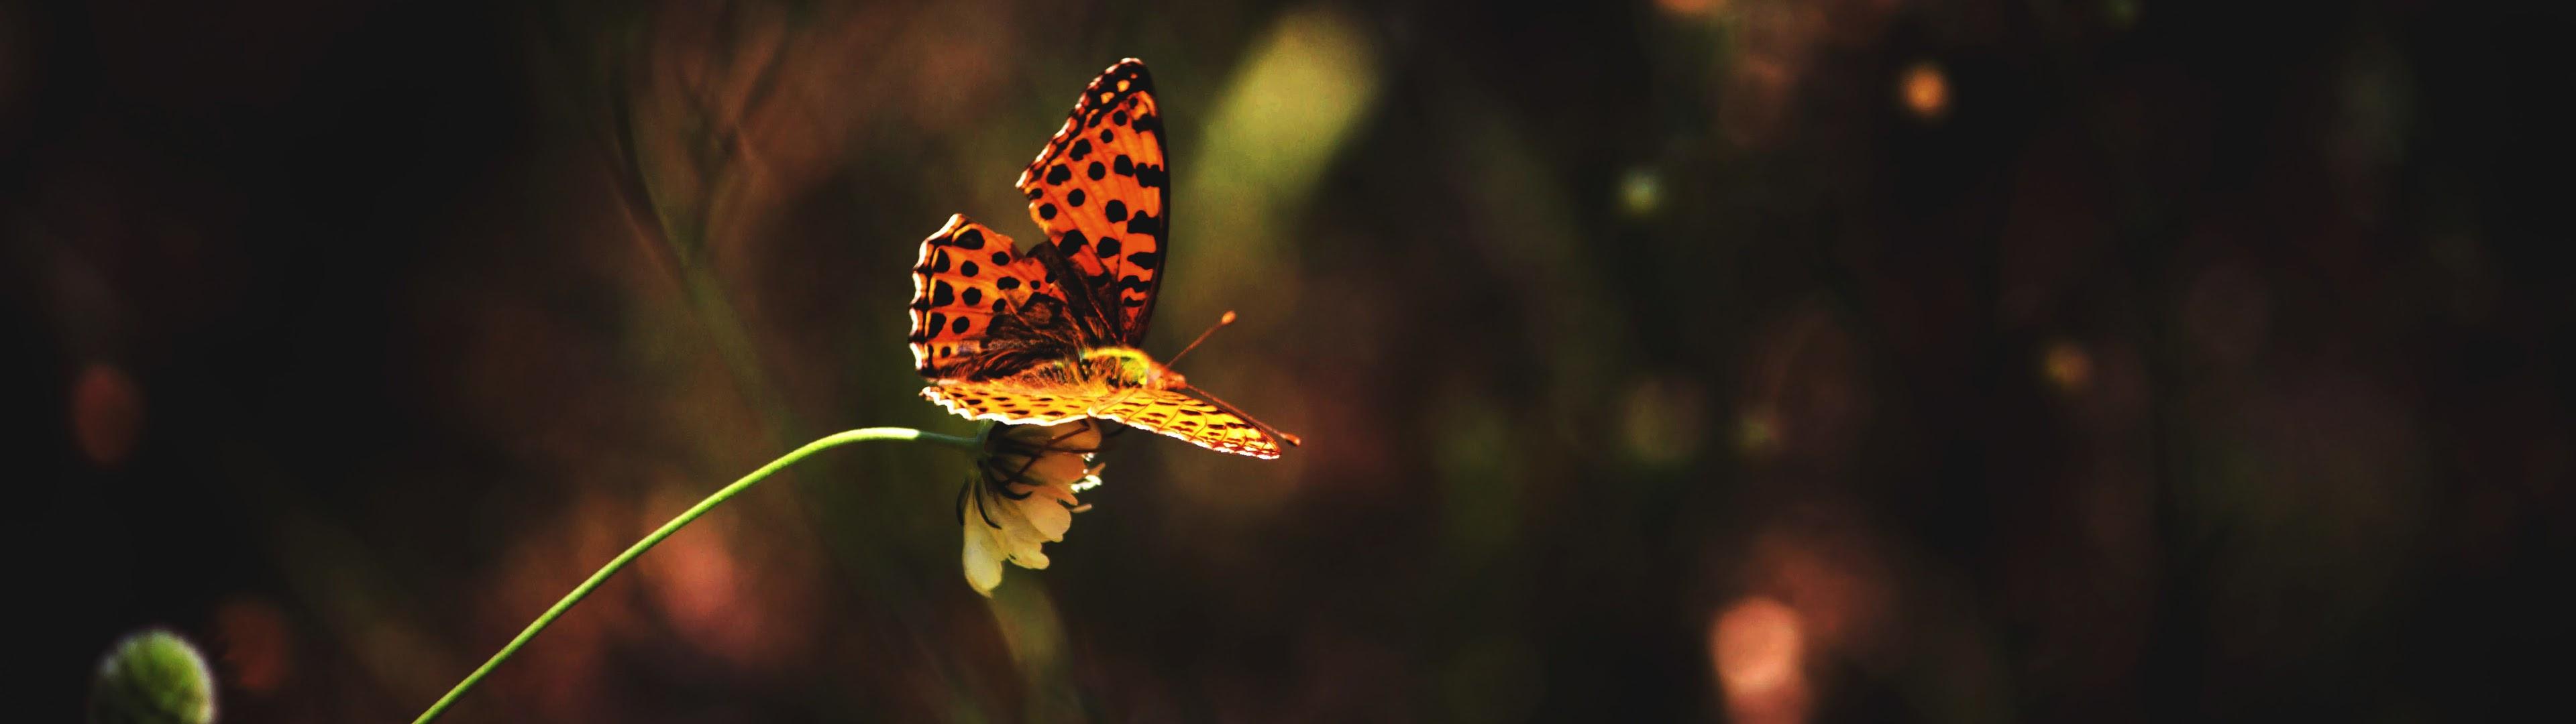 Butterfly 4k Wallpaper 49